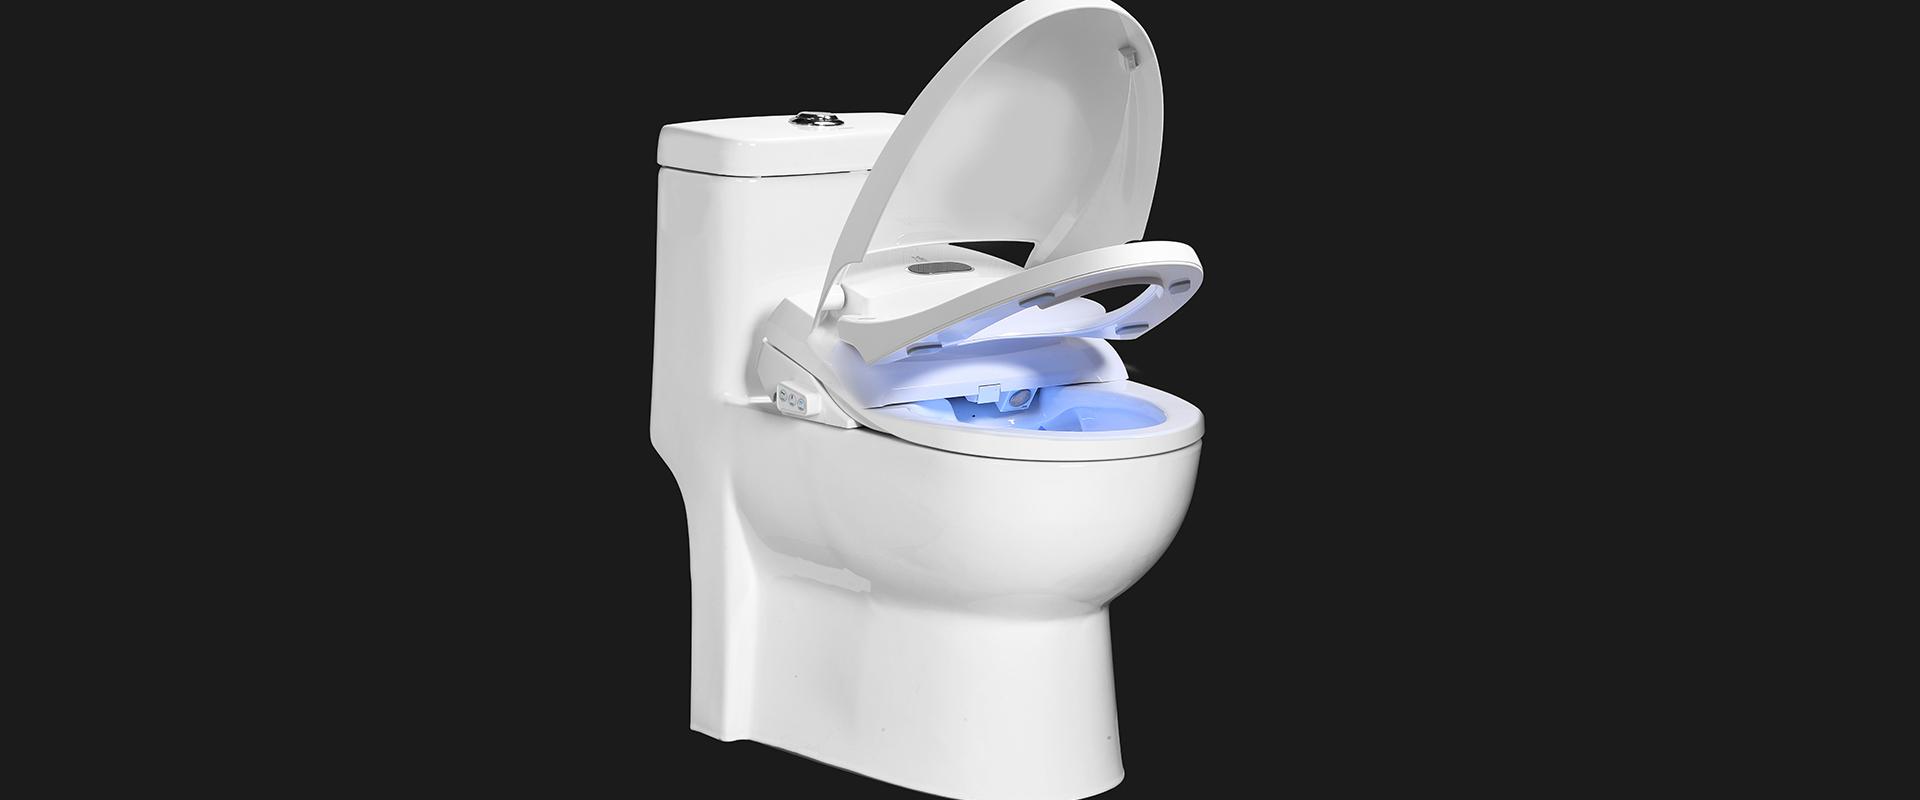 deska-myjaca-spowolnione-opadanie-pokrywy-automatyczna-spluczka